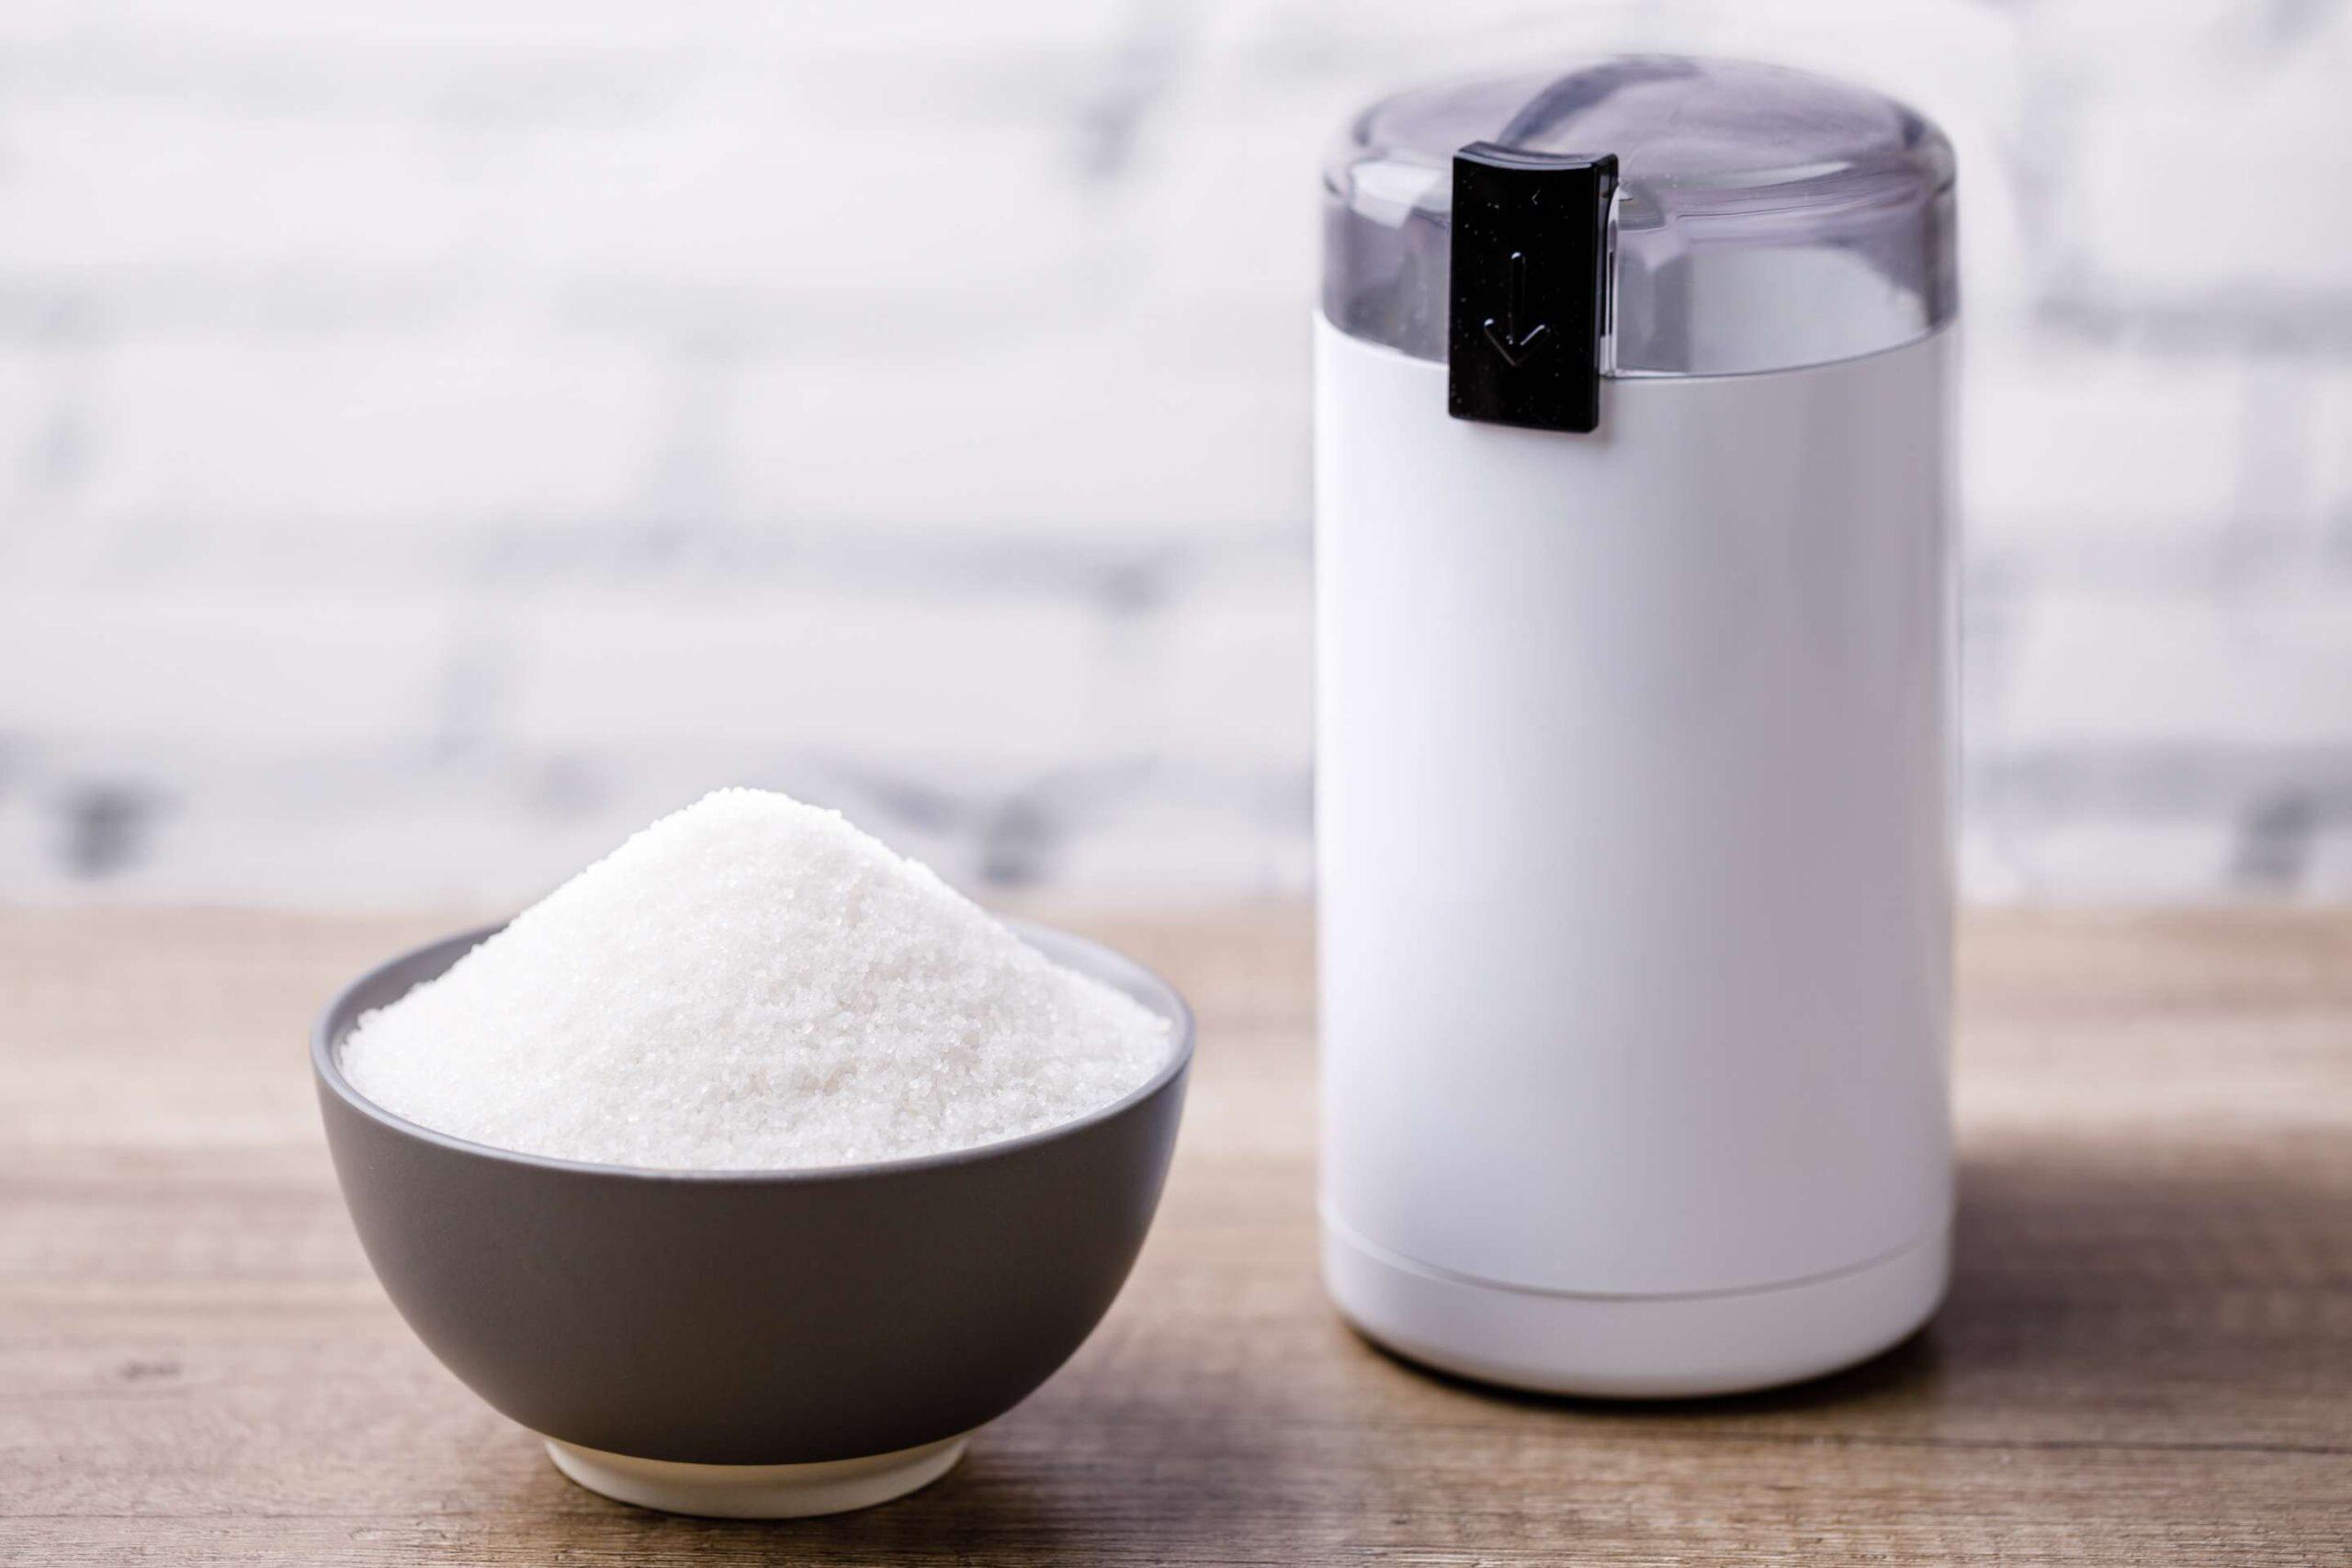 Caster Sugar Substitutes